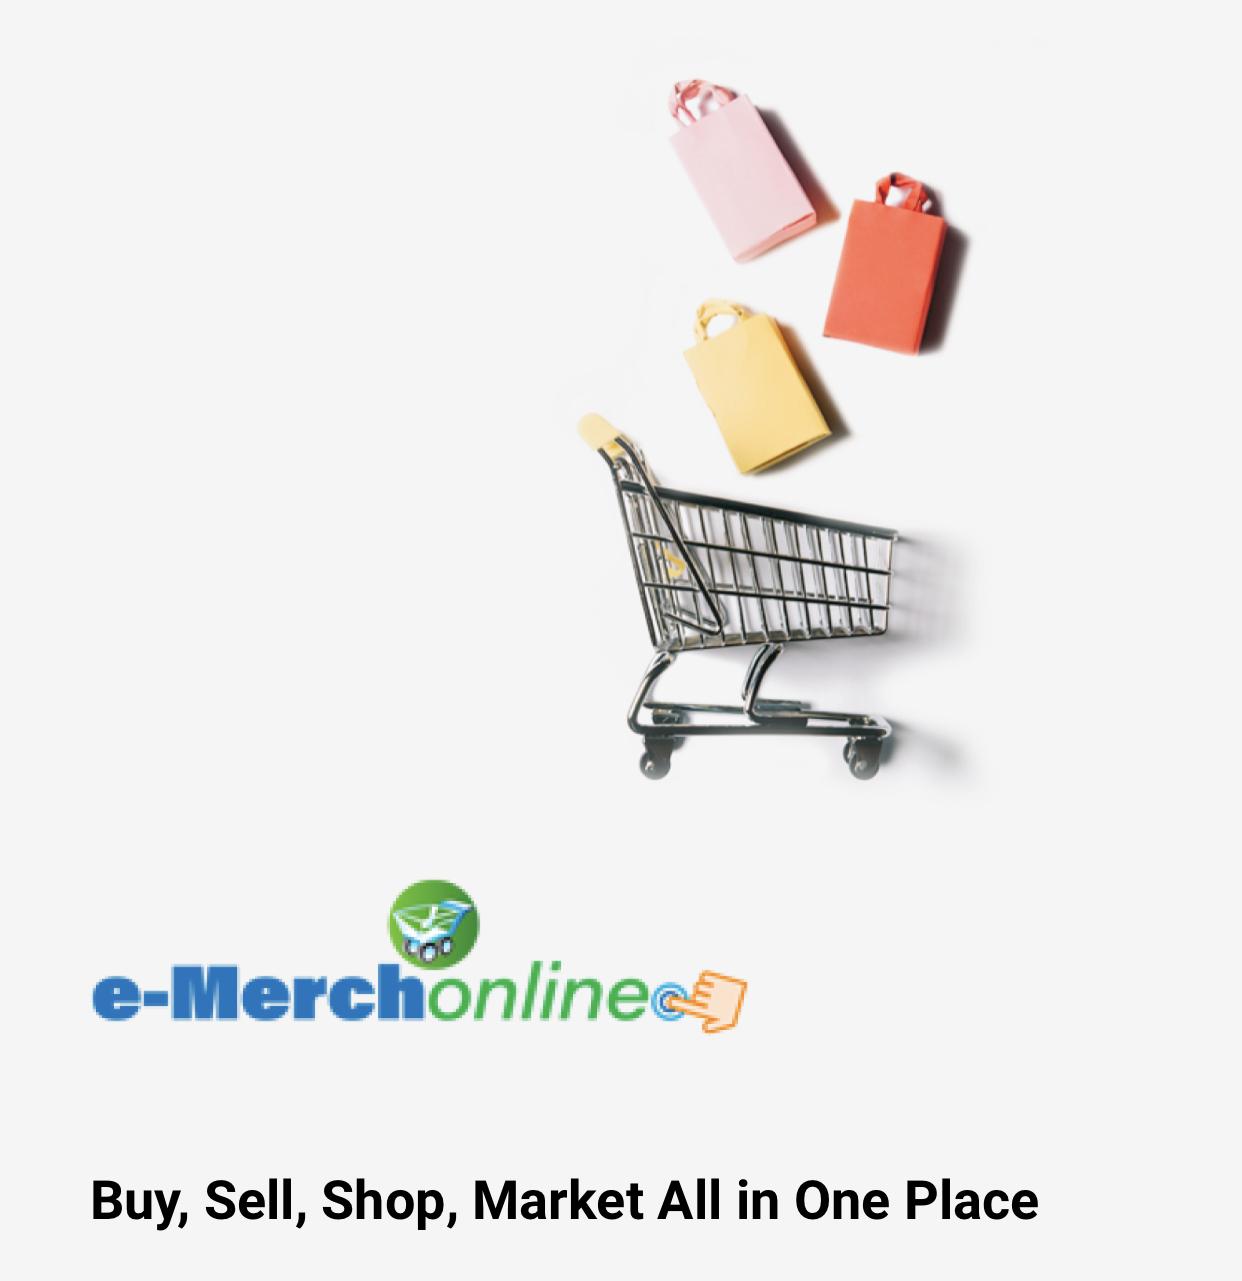 E-Merch Online